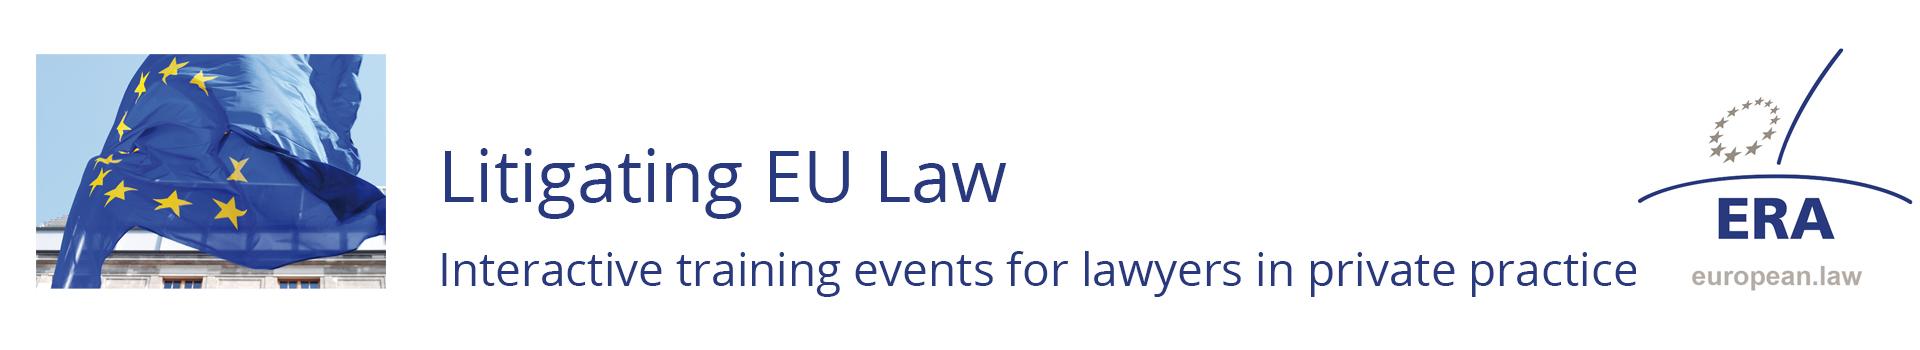 Litigating EU Law